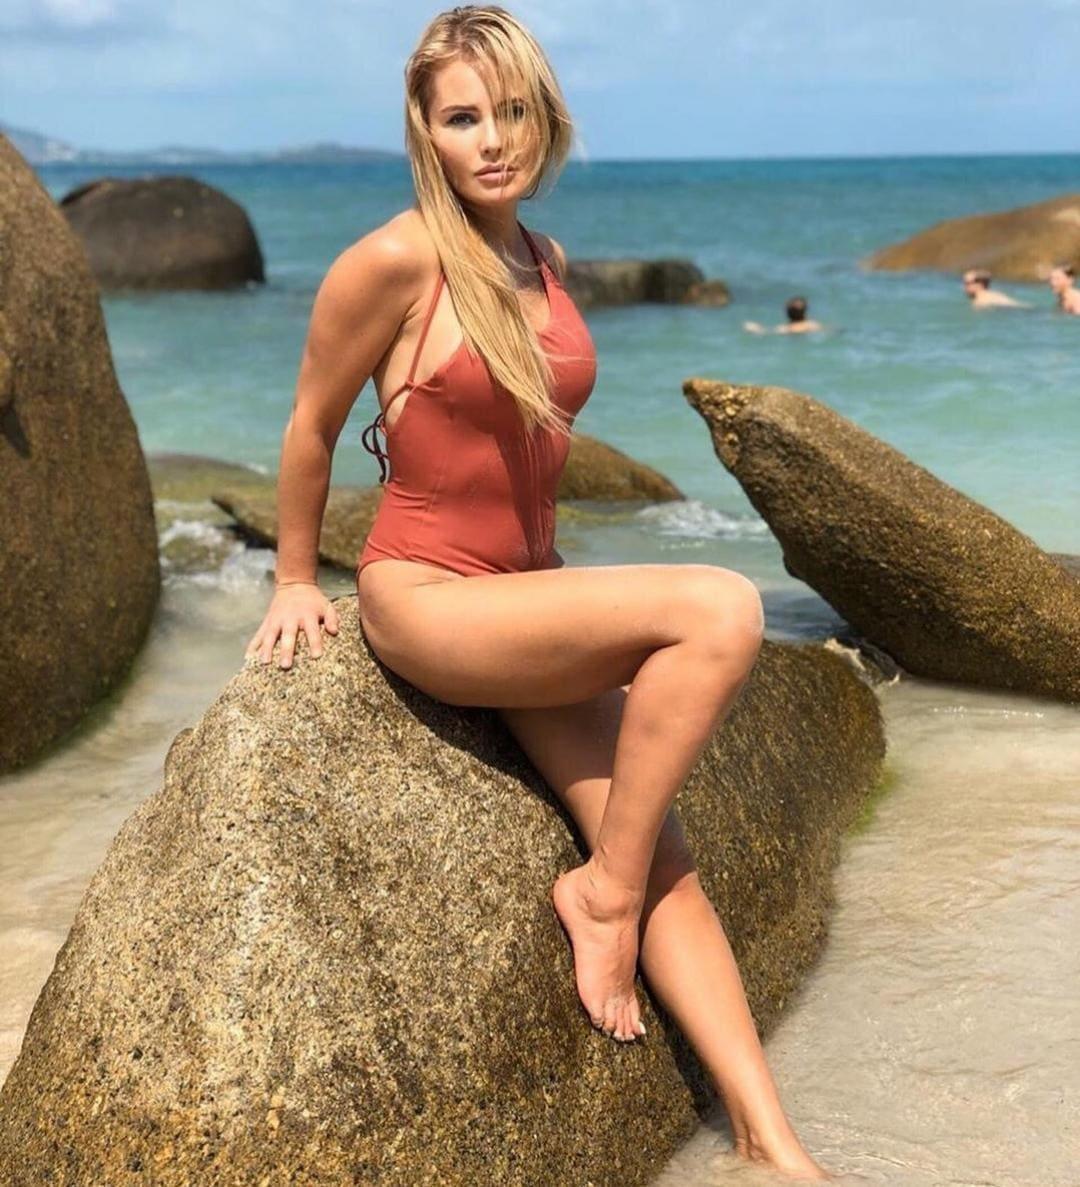 Дана Борисова фото в сплошном купальнике кораллового цвета сидит на камне на берегу моря, левая нога согнута в колене